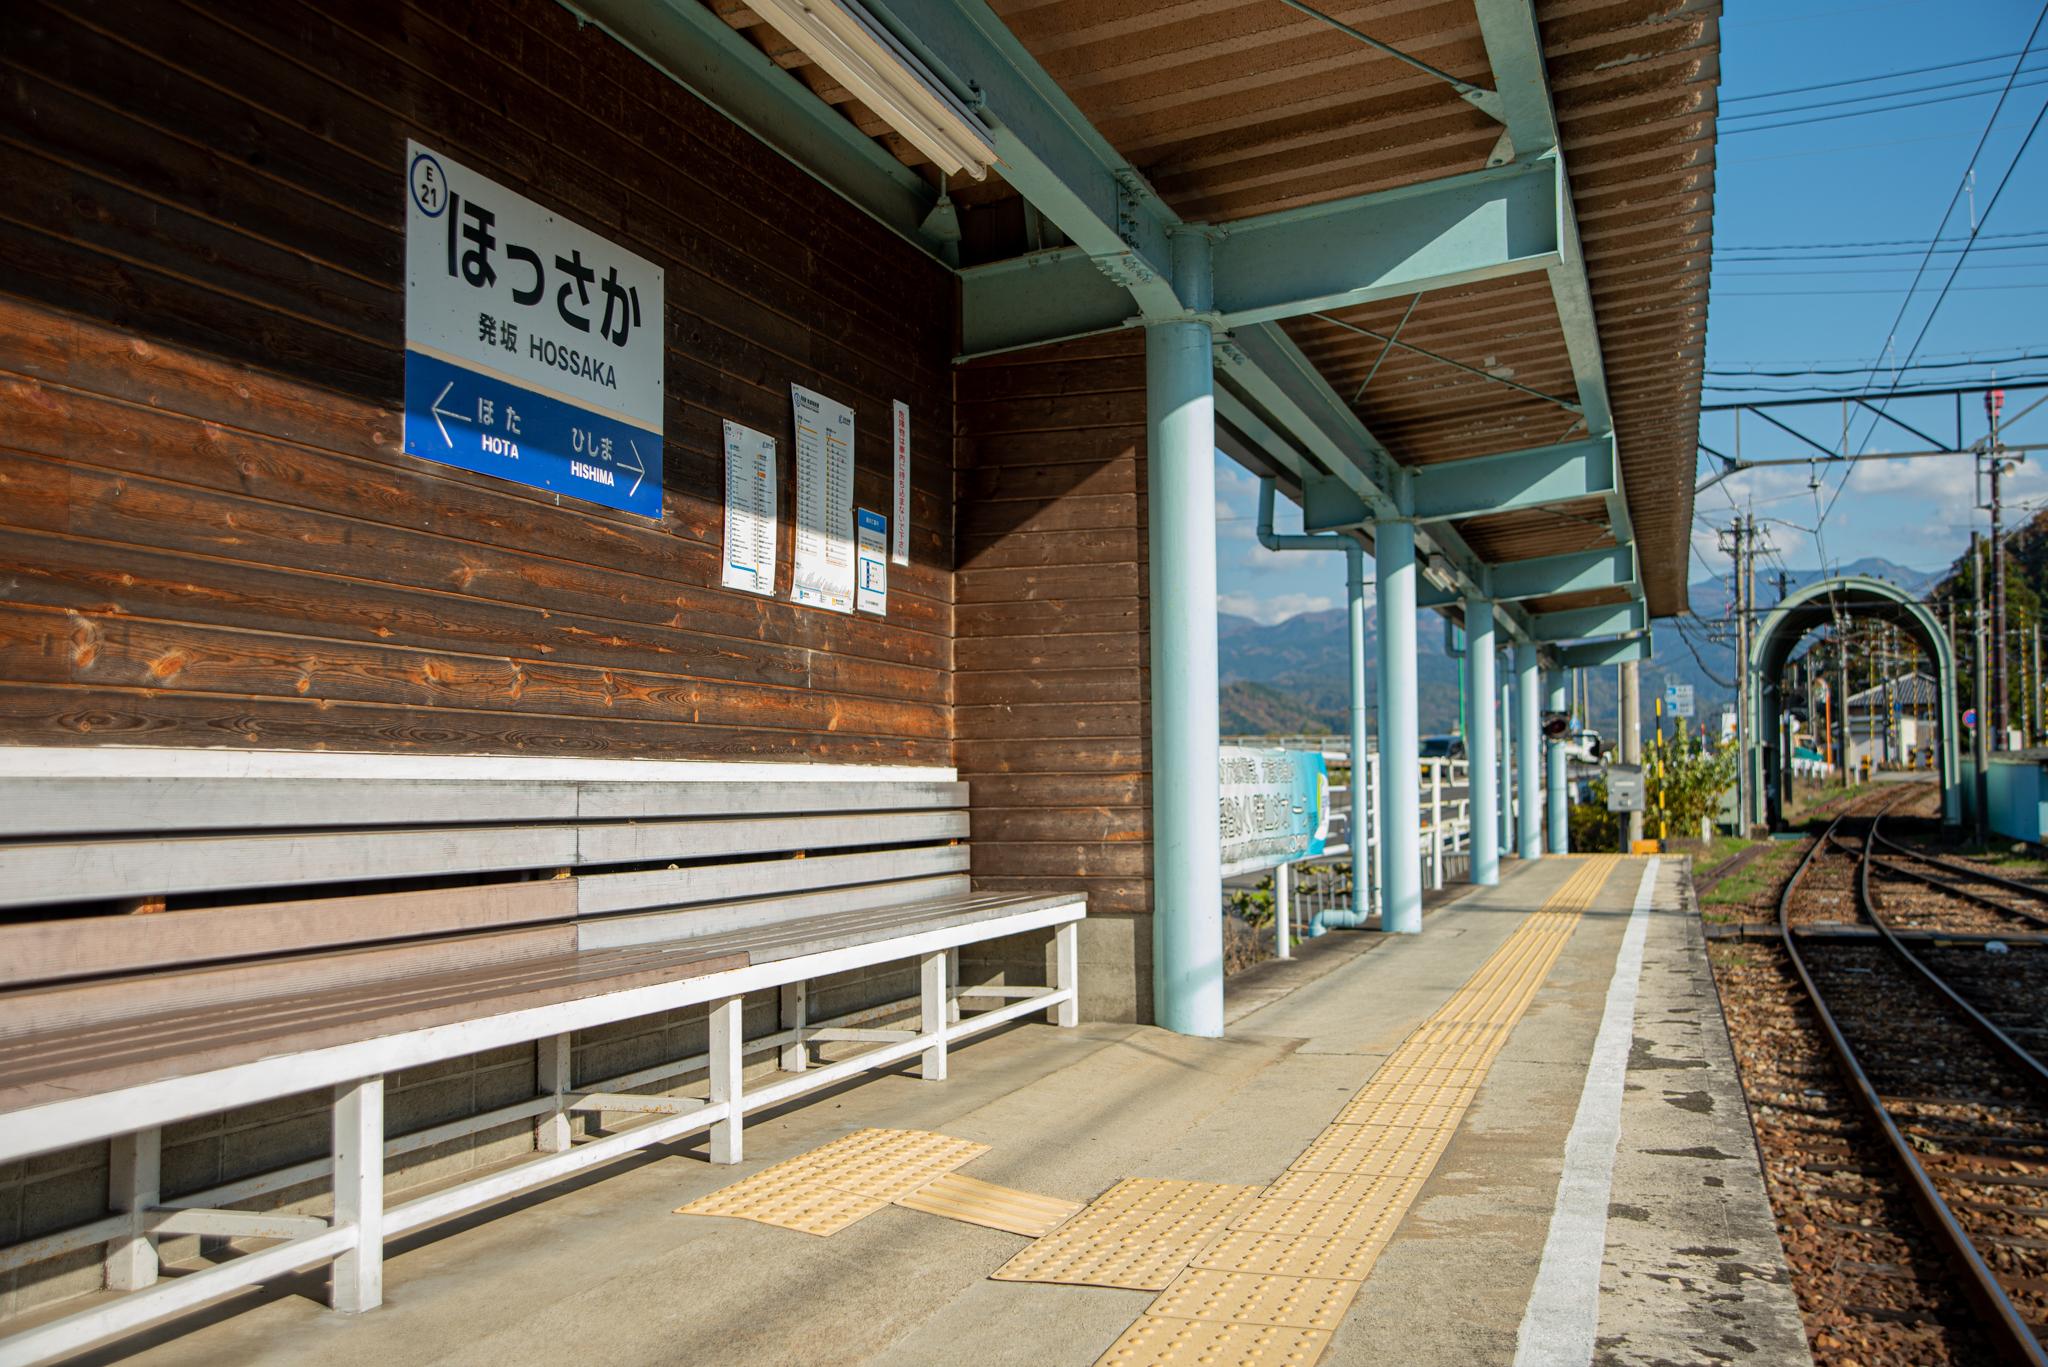 想い出のある「駅」はありますか?~えちぜん鉄道 発坂駅~